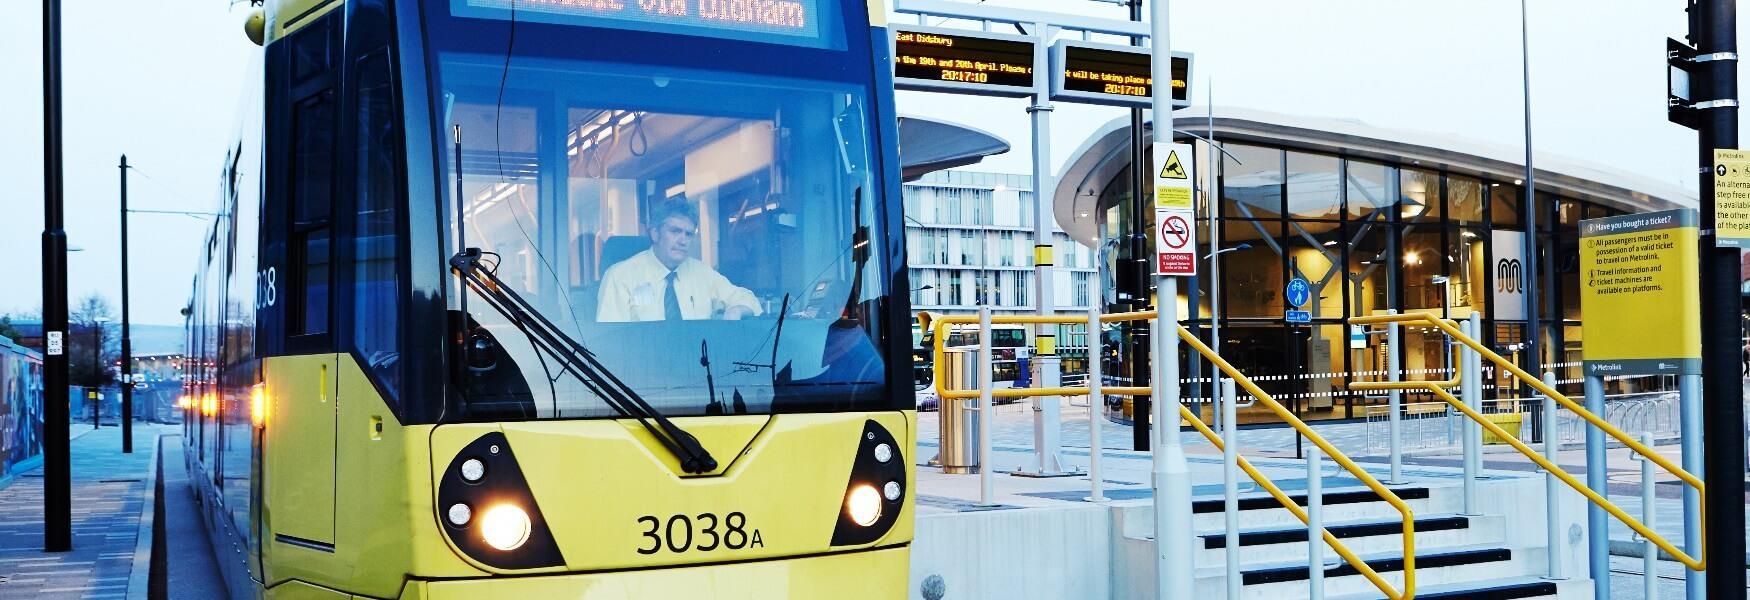 A Metrolink tram in front of Rochdale Interchange.